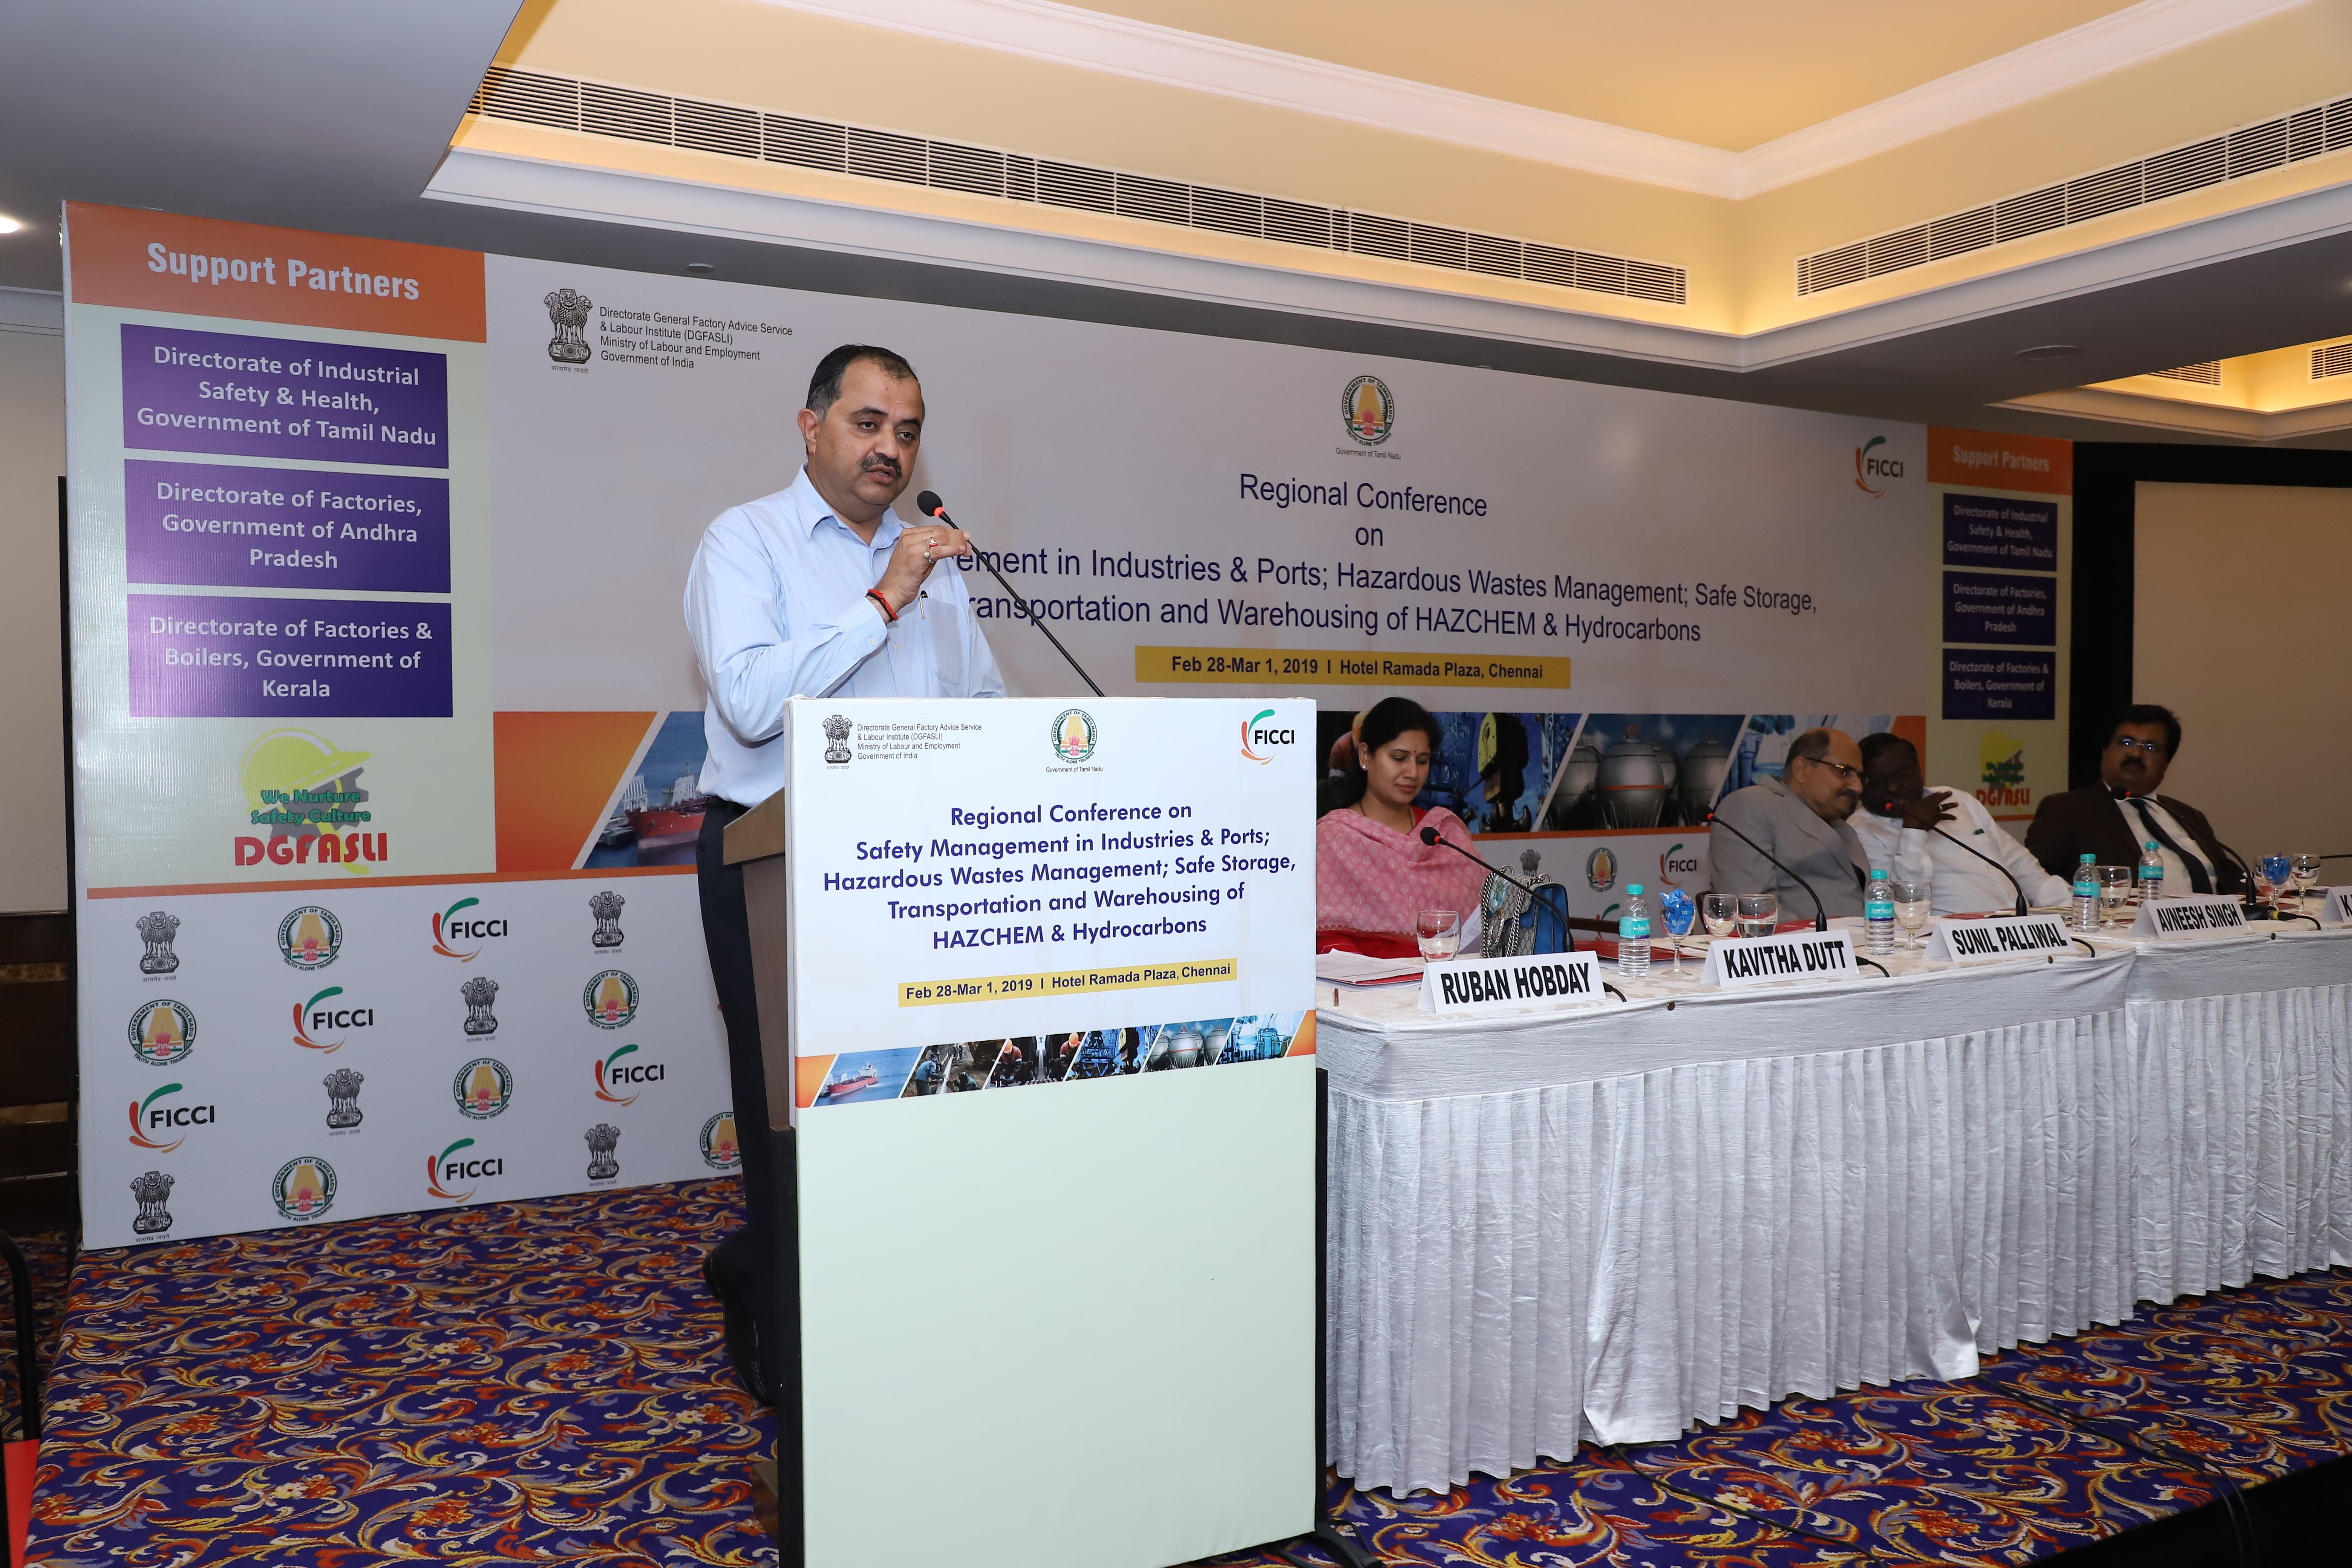 Sunil Palliwal IAS